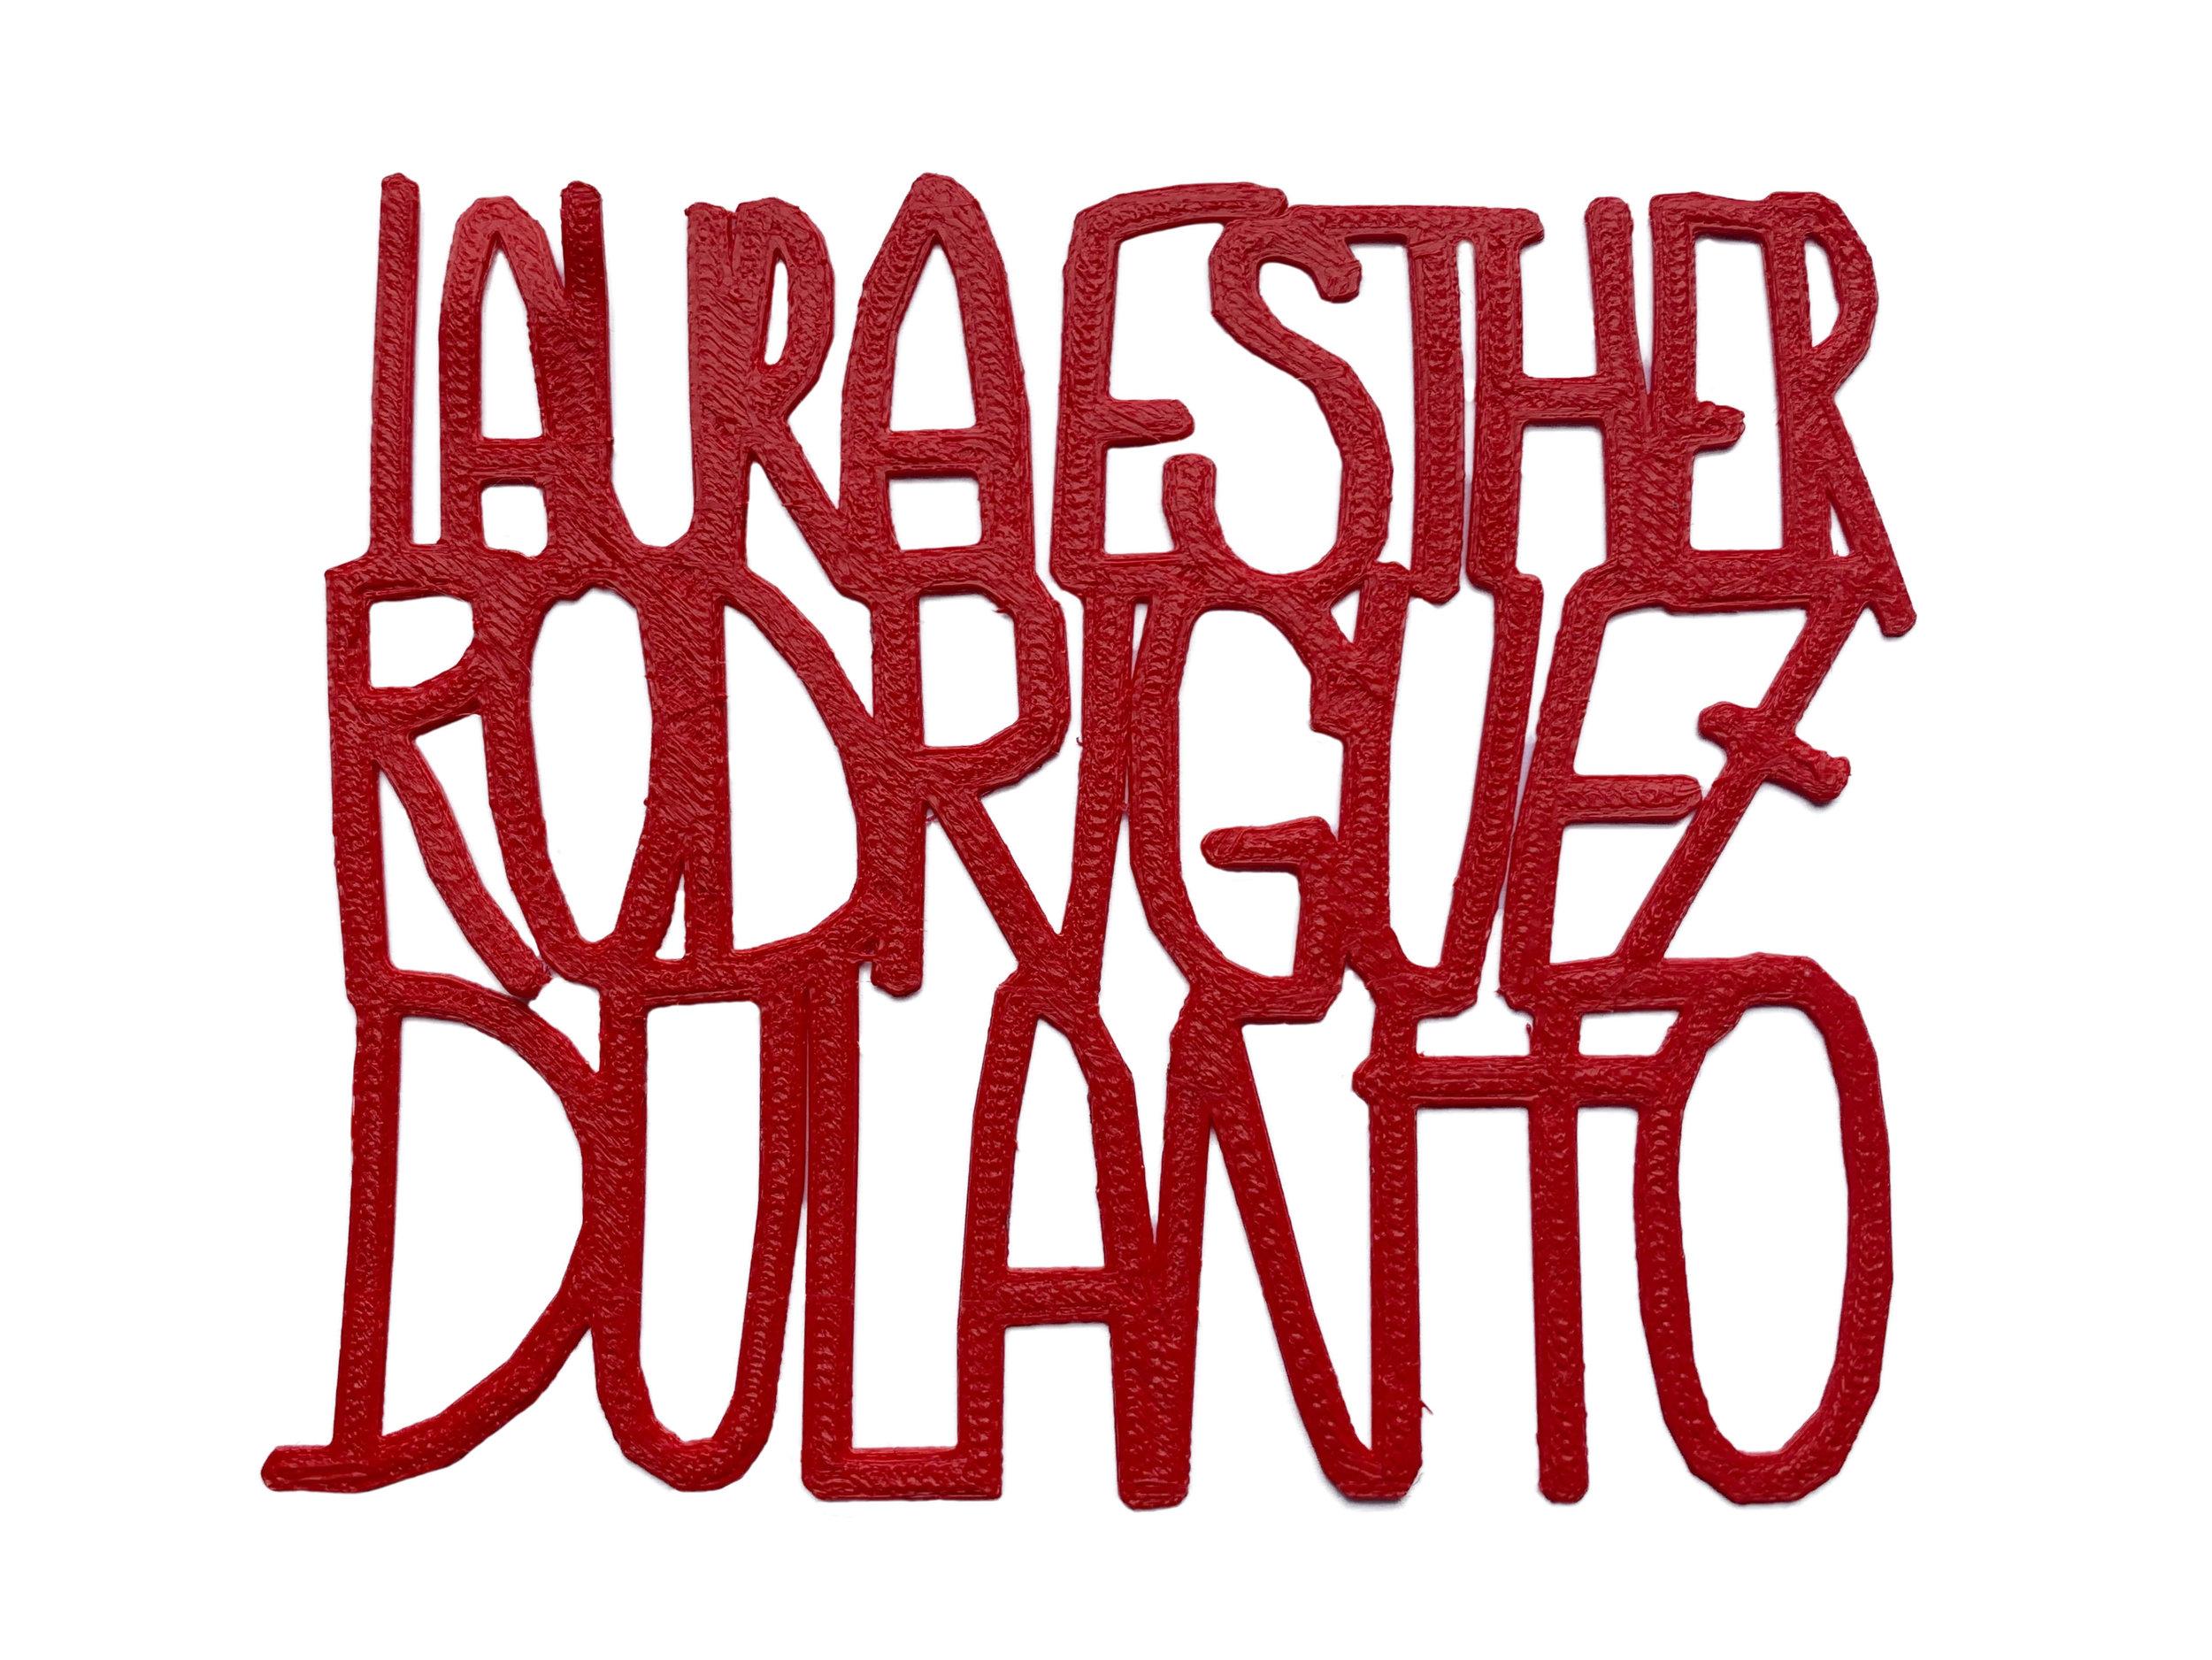 LauraEstherRodriguezDulanto.jpg